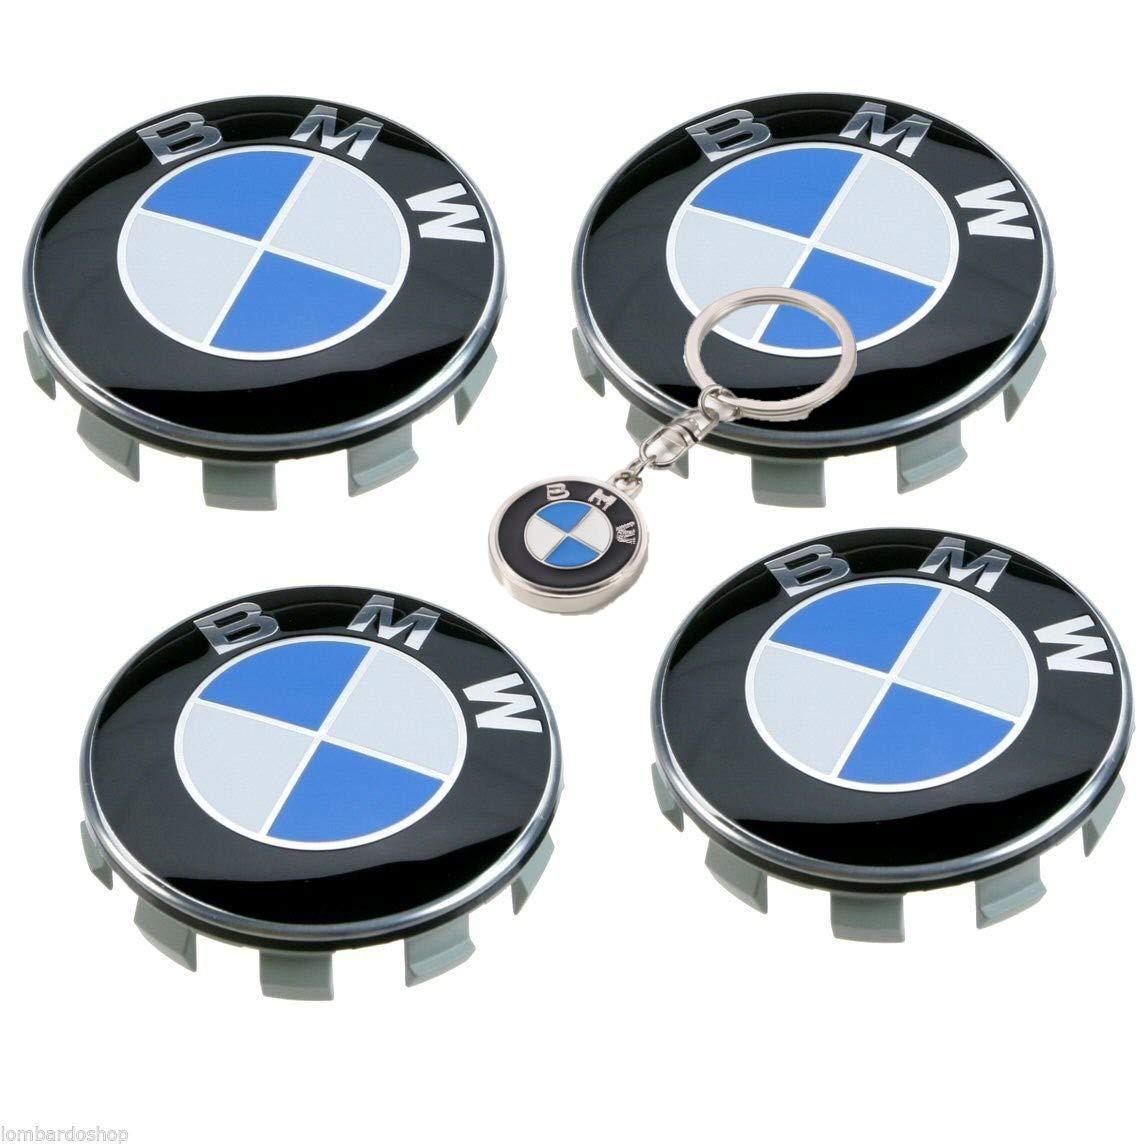 Tapacubos Bmw 68mm 4 piezas + llavero GRATIS de calidad en Regalo Incluido, para llantas de aleación universal, tapas con logotipo para la serie 1 2 3 4 5 6 ...